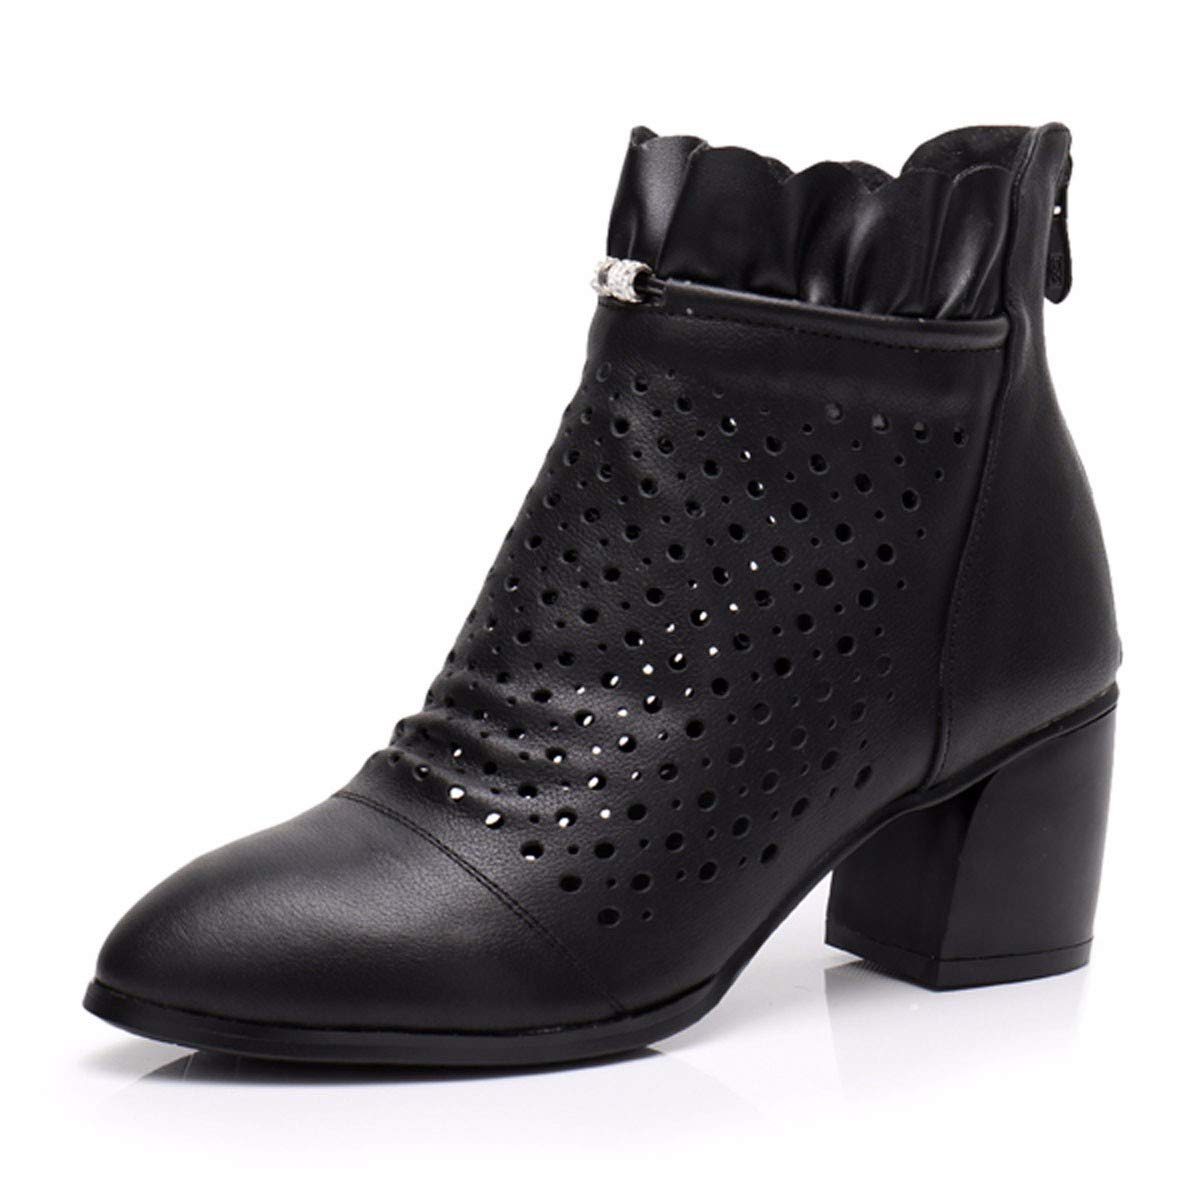 KPHY Damenschuhe Loch Im Sommer Schuhe Leder Ausgehöhlten Stiefeln Dicken Betuchte Stiefel High Heels Frühling und Herbst Stiefel Atmungsaktive Schuhe S.Grau